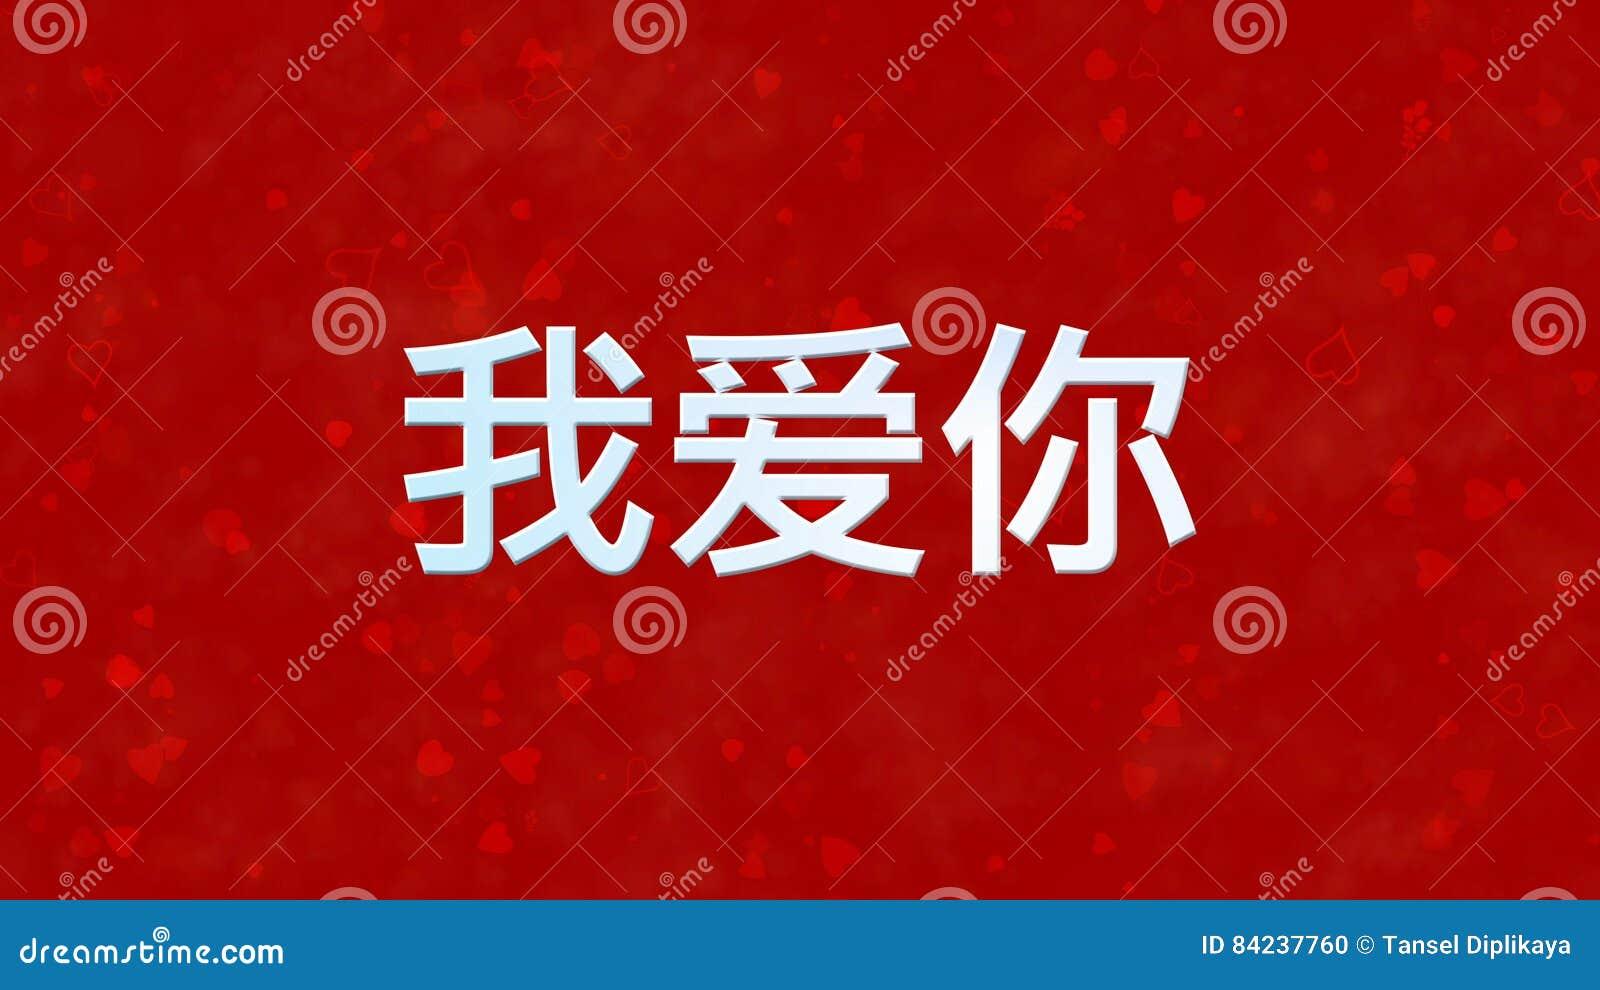 Ich Liebe Dich Text Auf Chinesisch Auf Rotem Hintergrund Stock